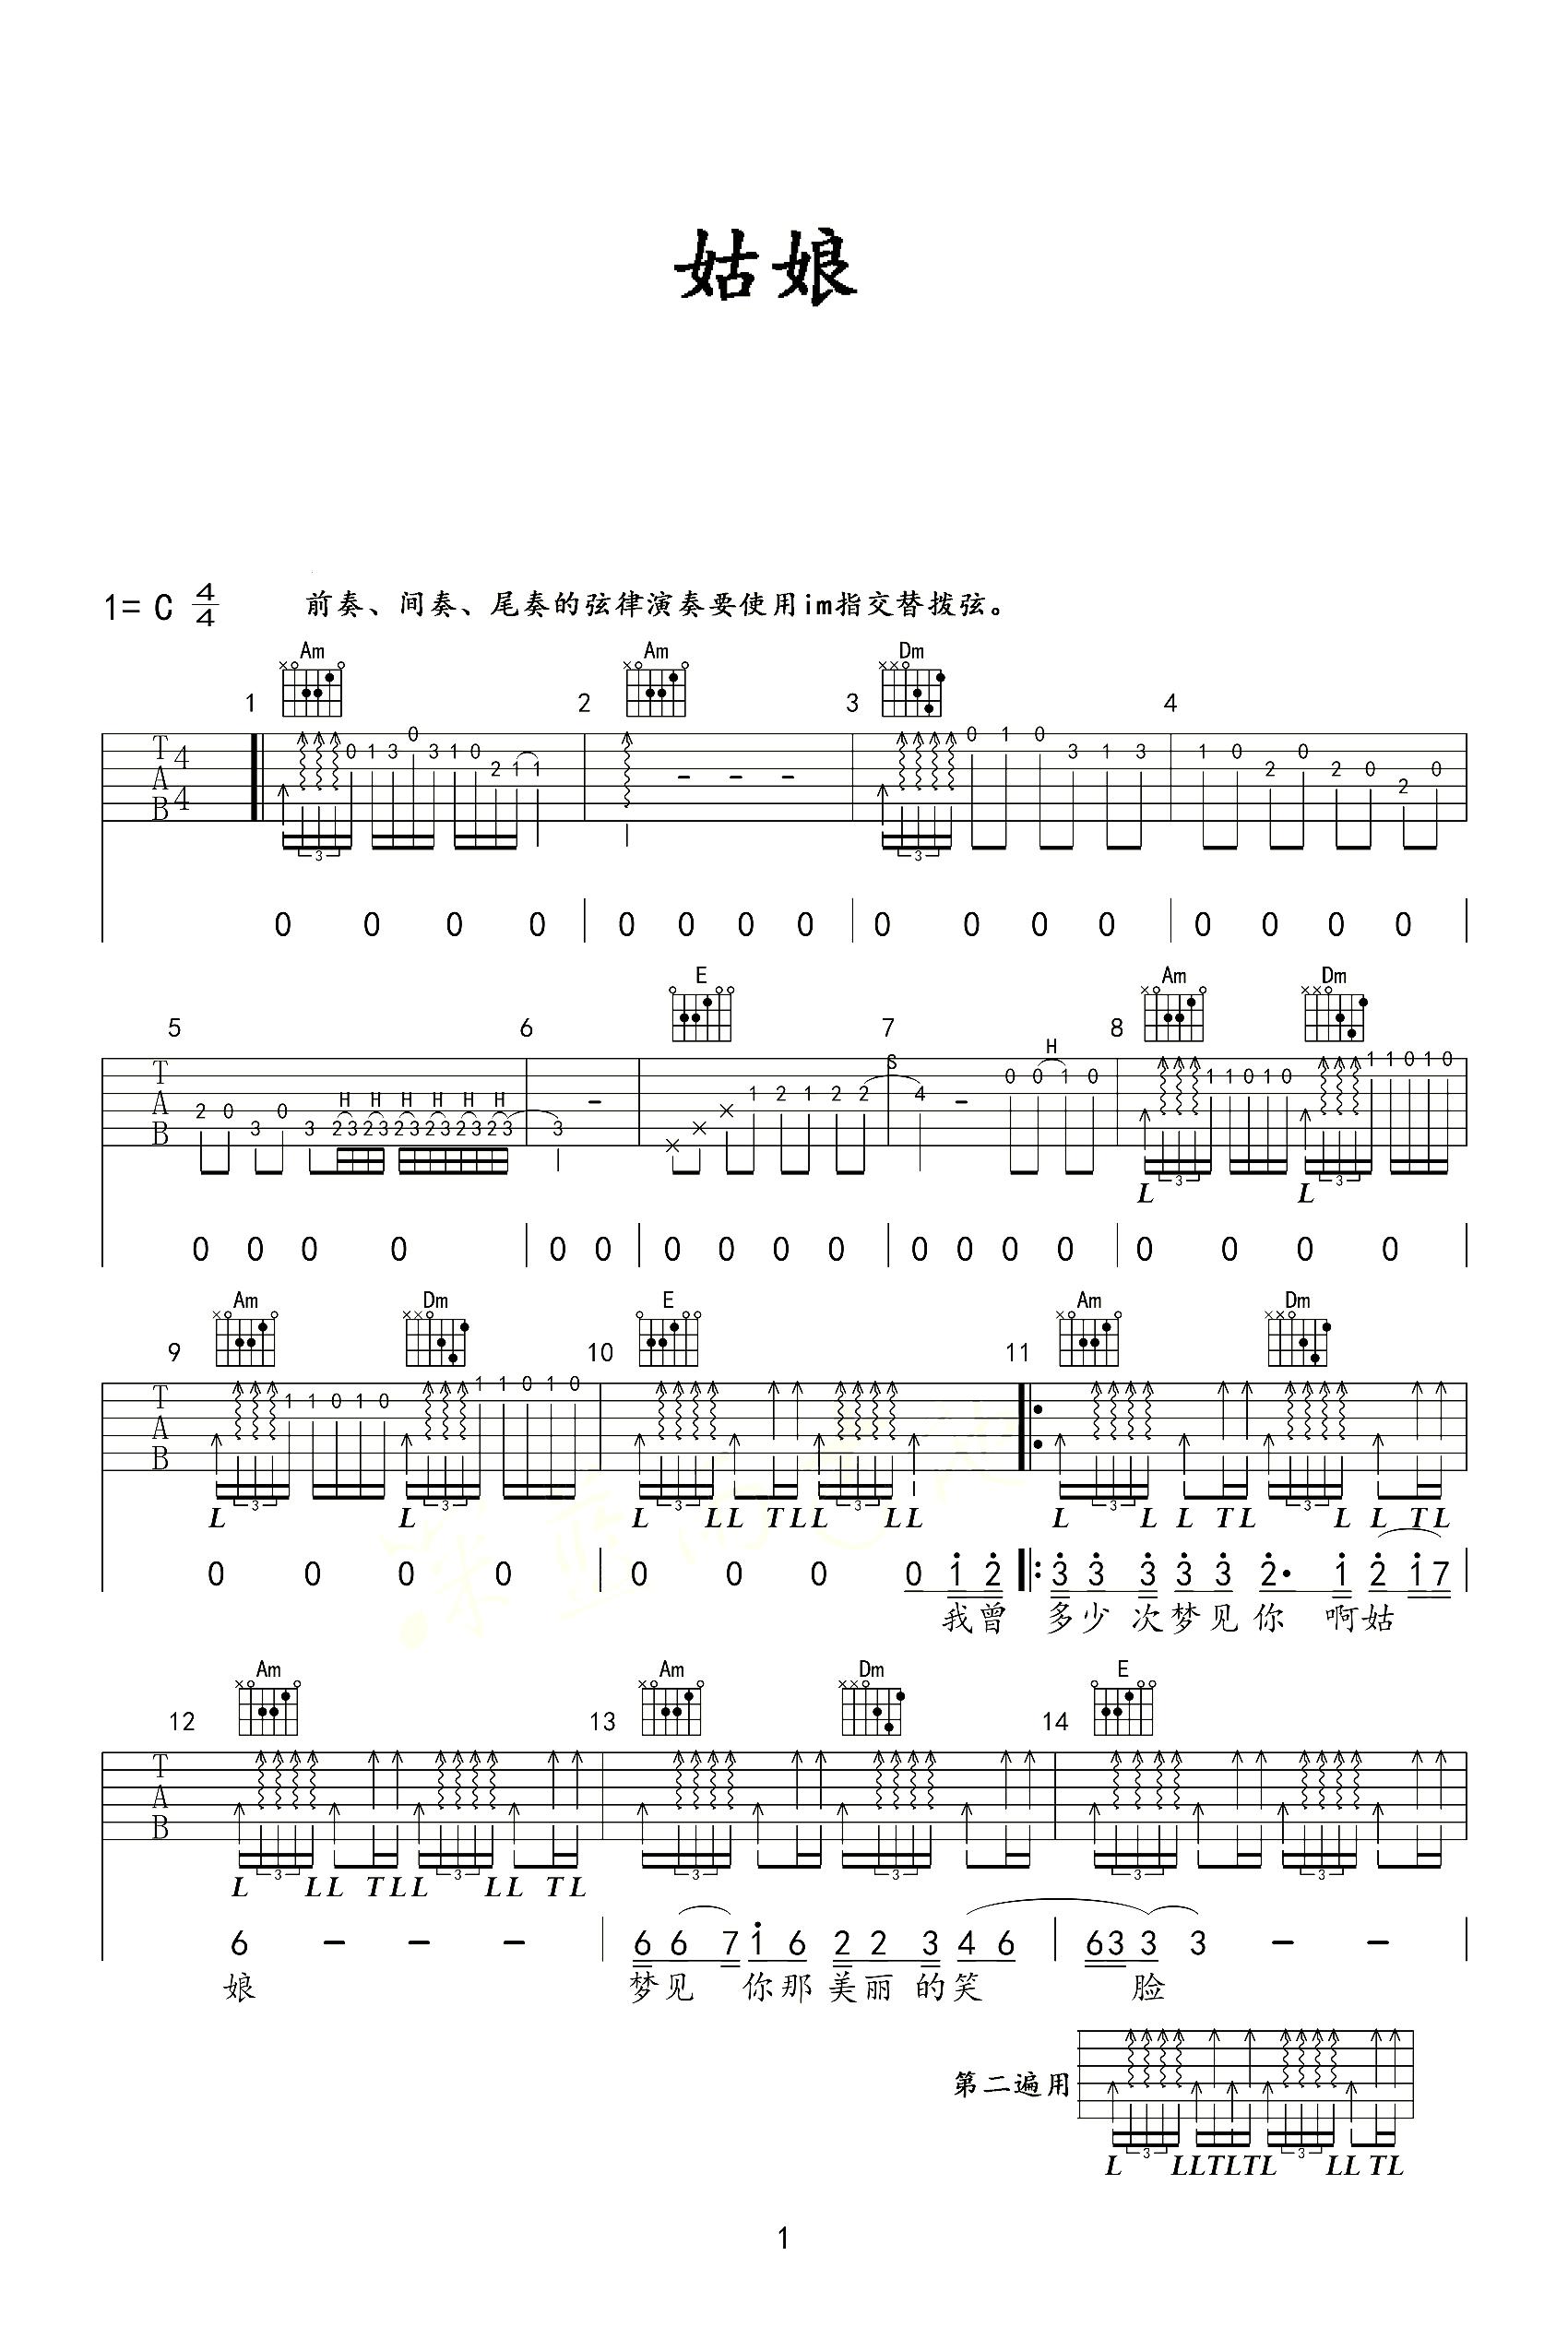 姑娘吉他谱-陈楚生 梦见你那美丽的笑脸1